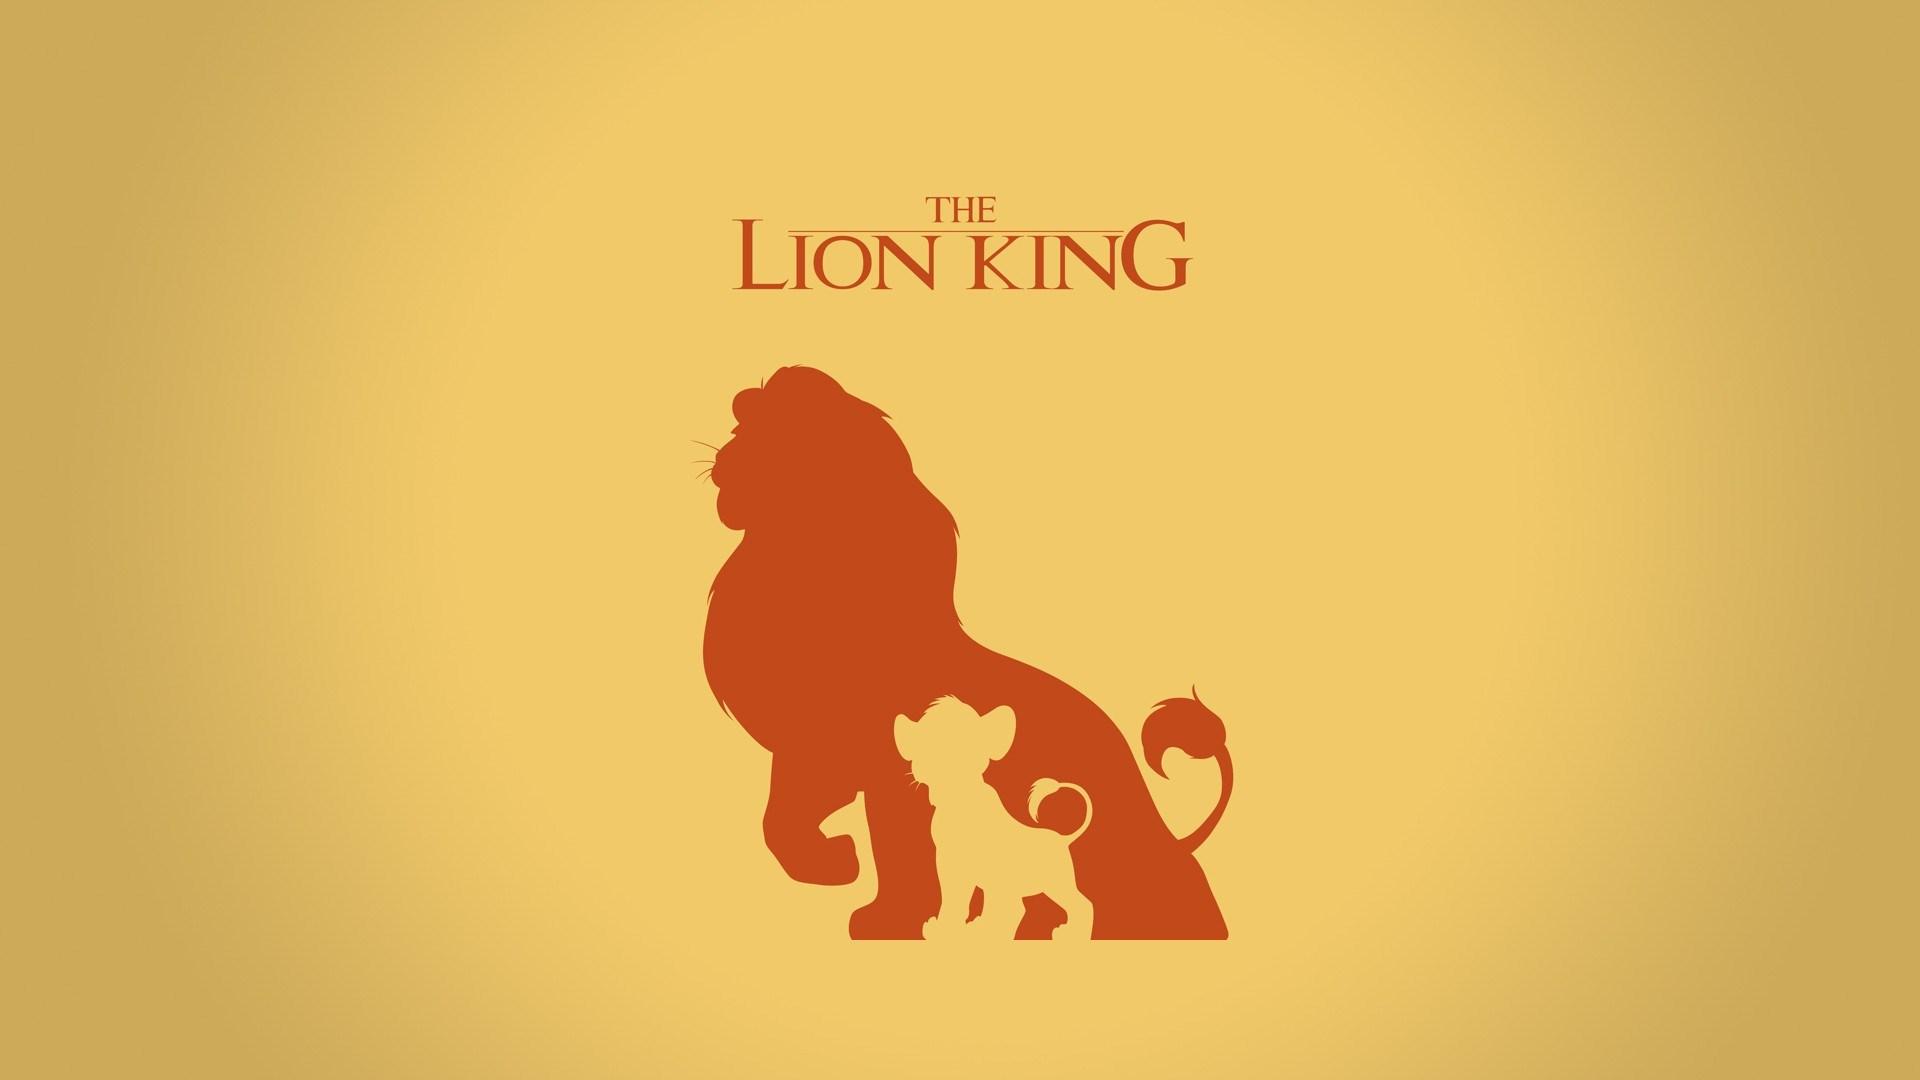 cartoon lion king logo art animals hd minimalist wallpaper 1920x1080